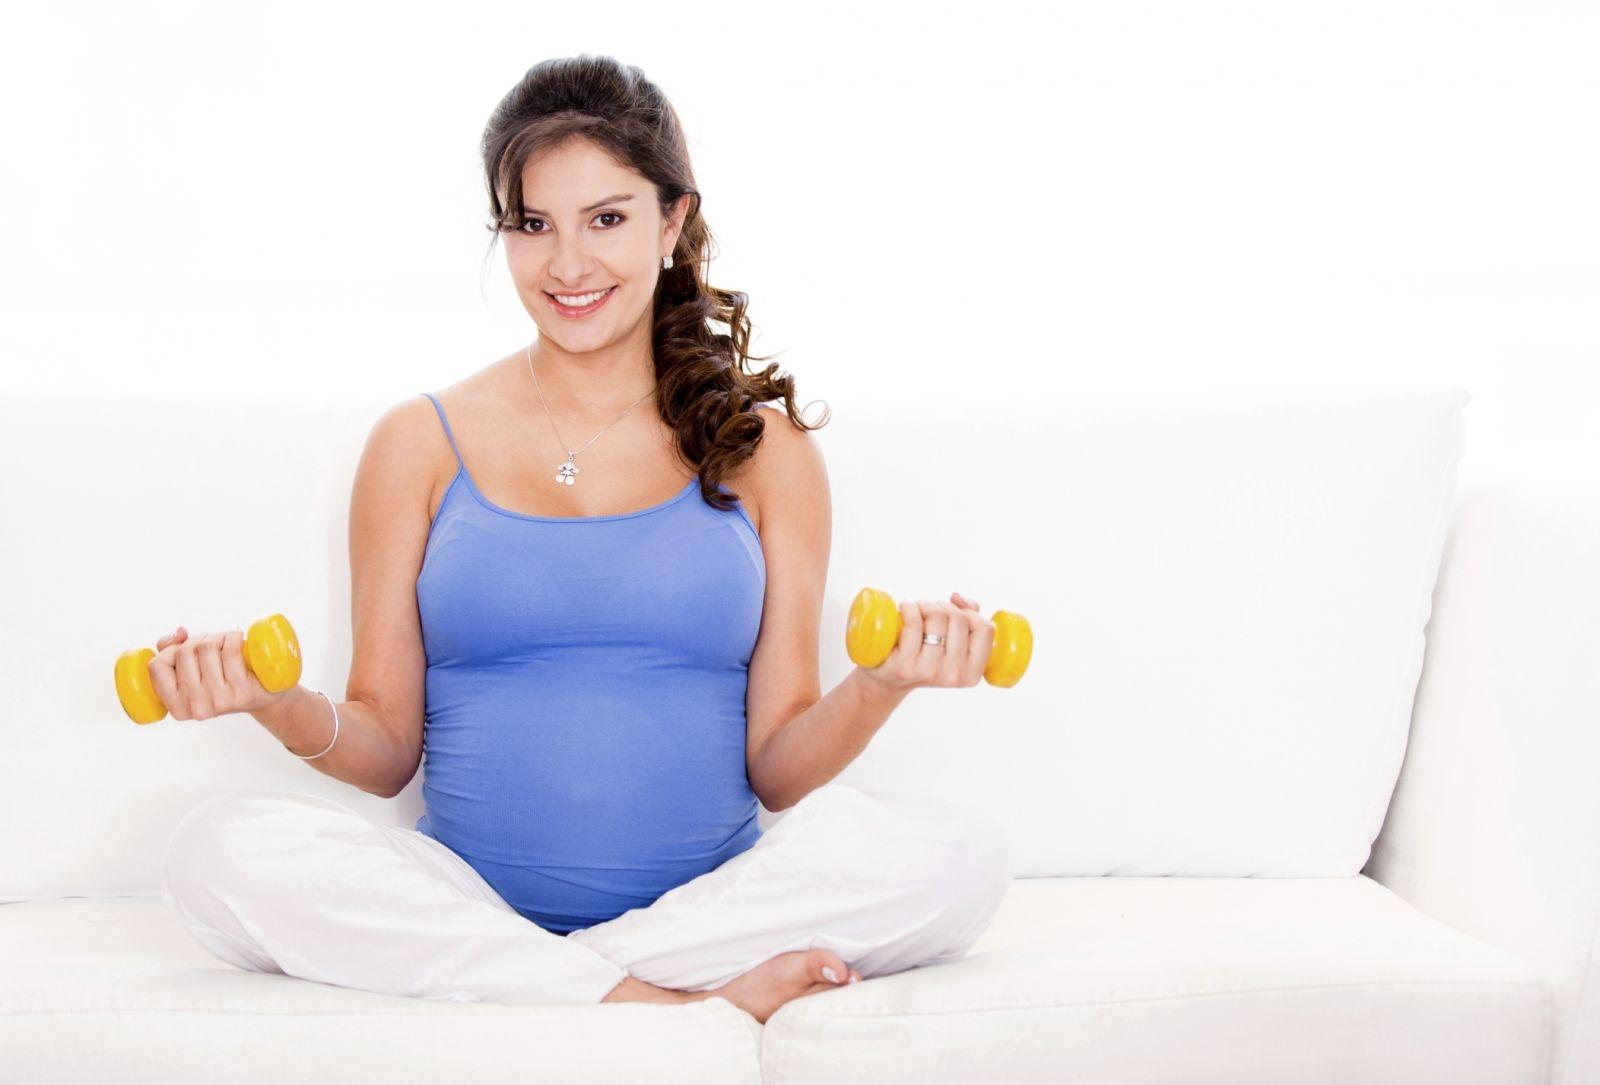 когда перестает болеть грудь при беременности